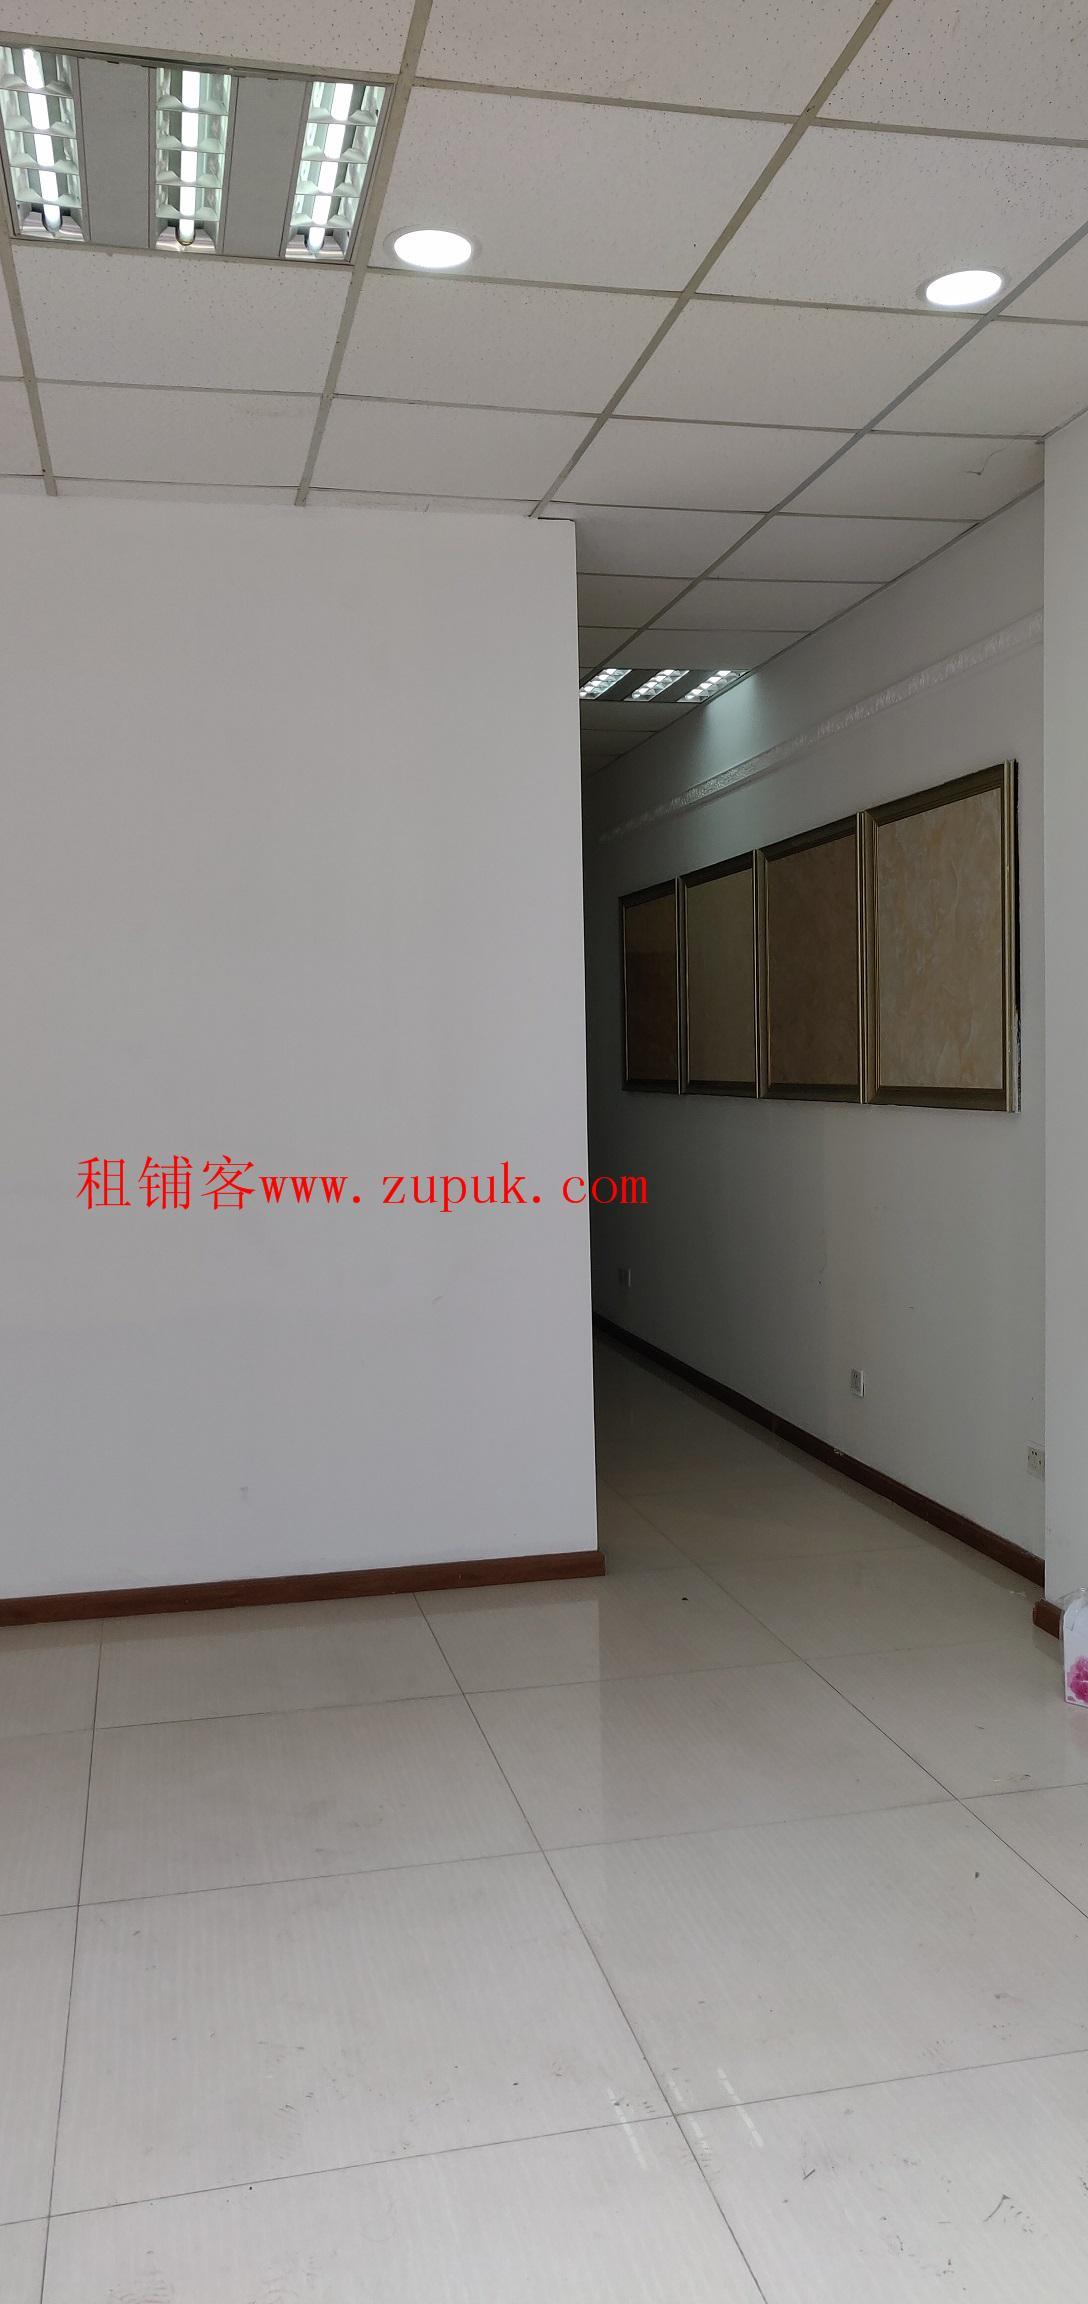 蜜蜂城精装一楼商铺 55平米 适合美容美发 月租3600元